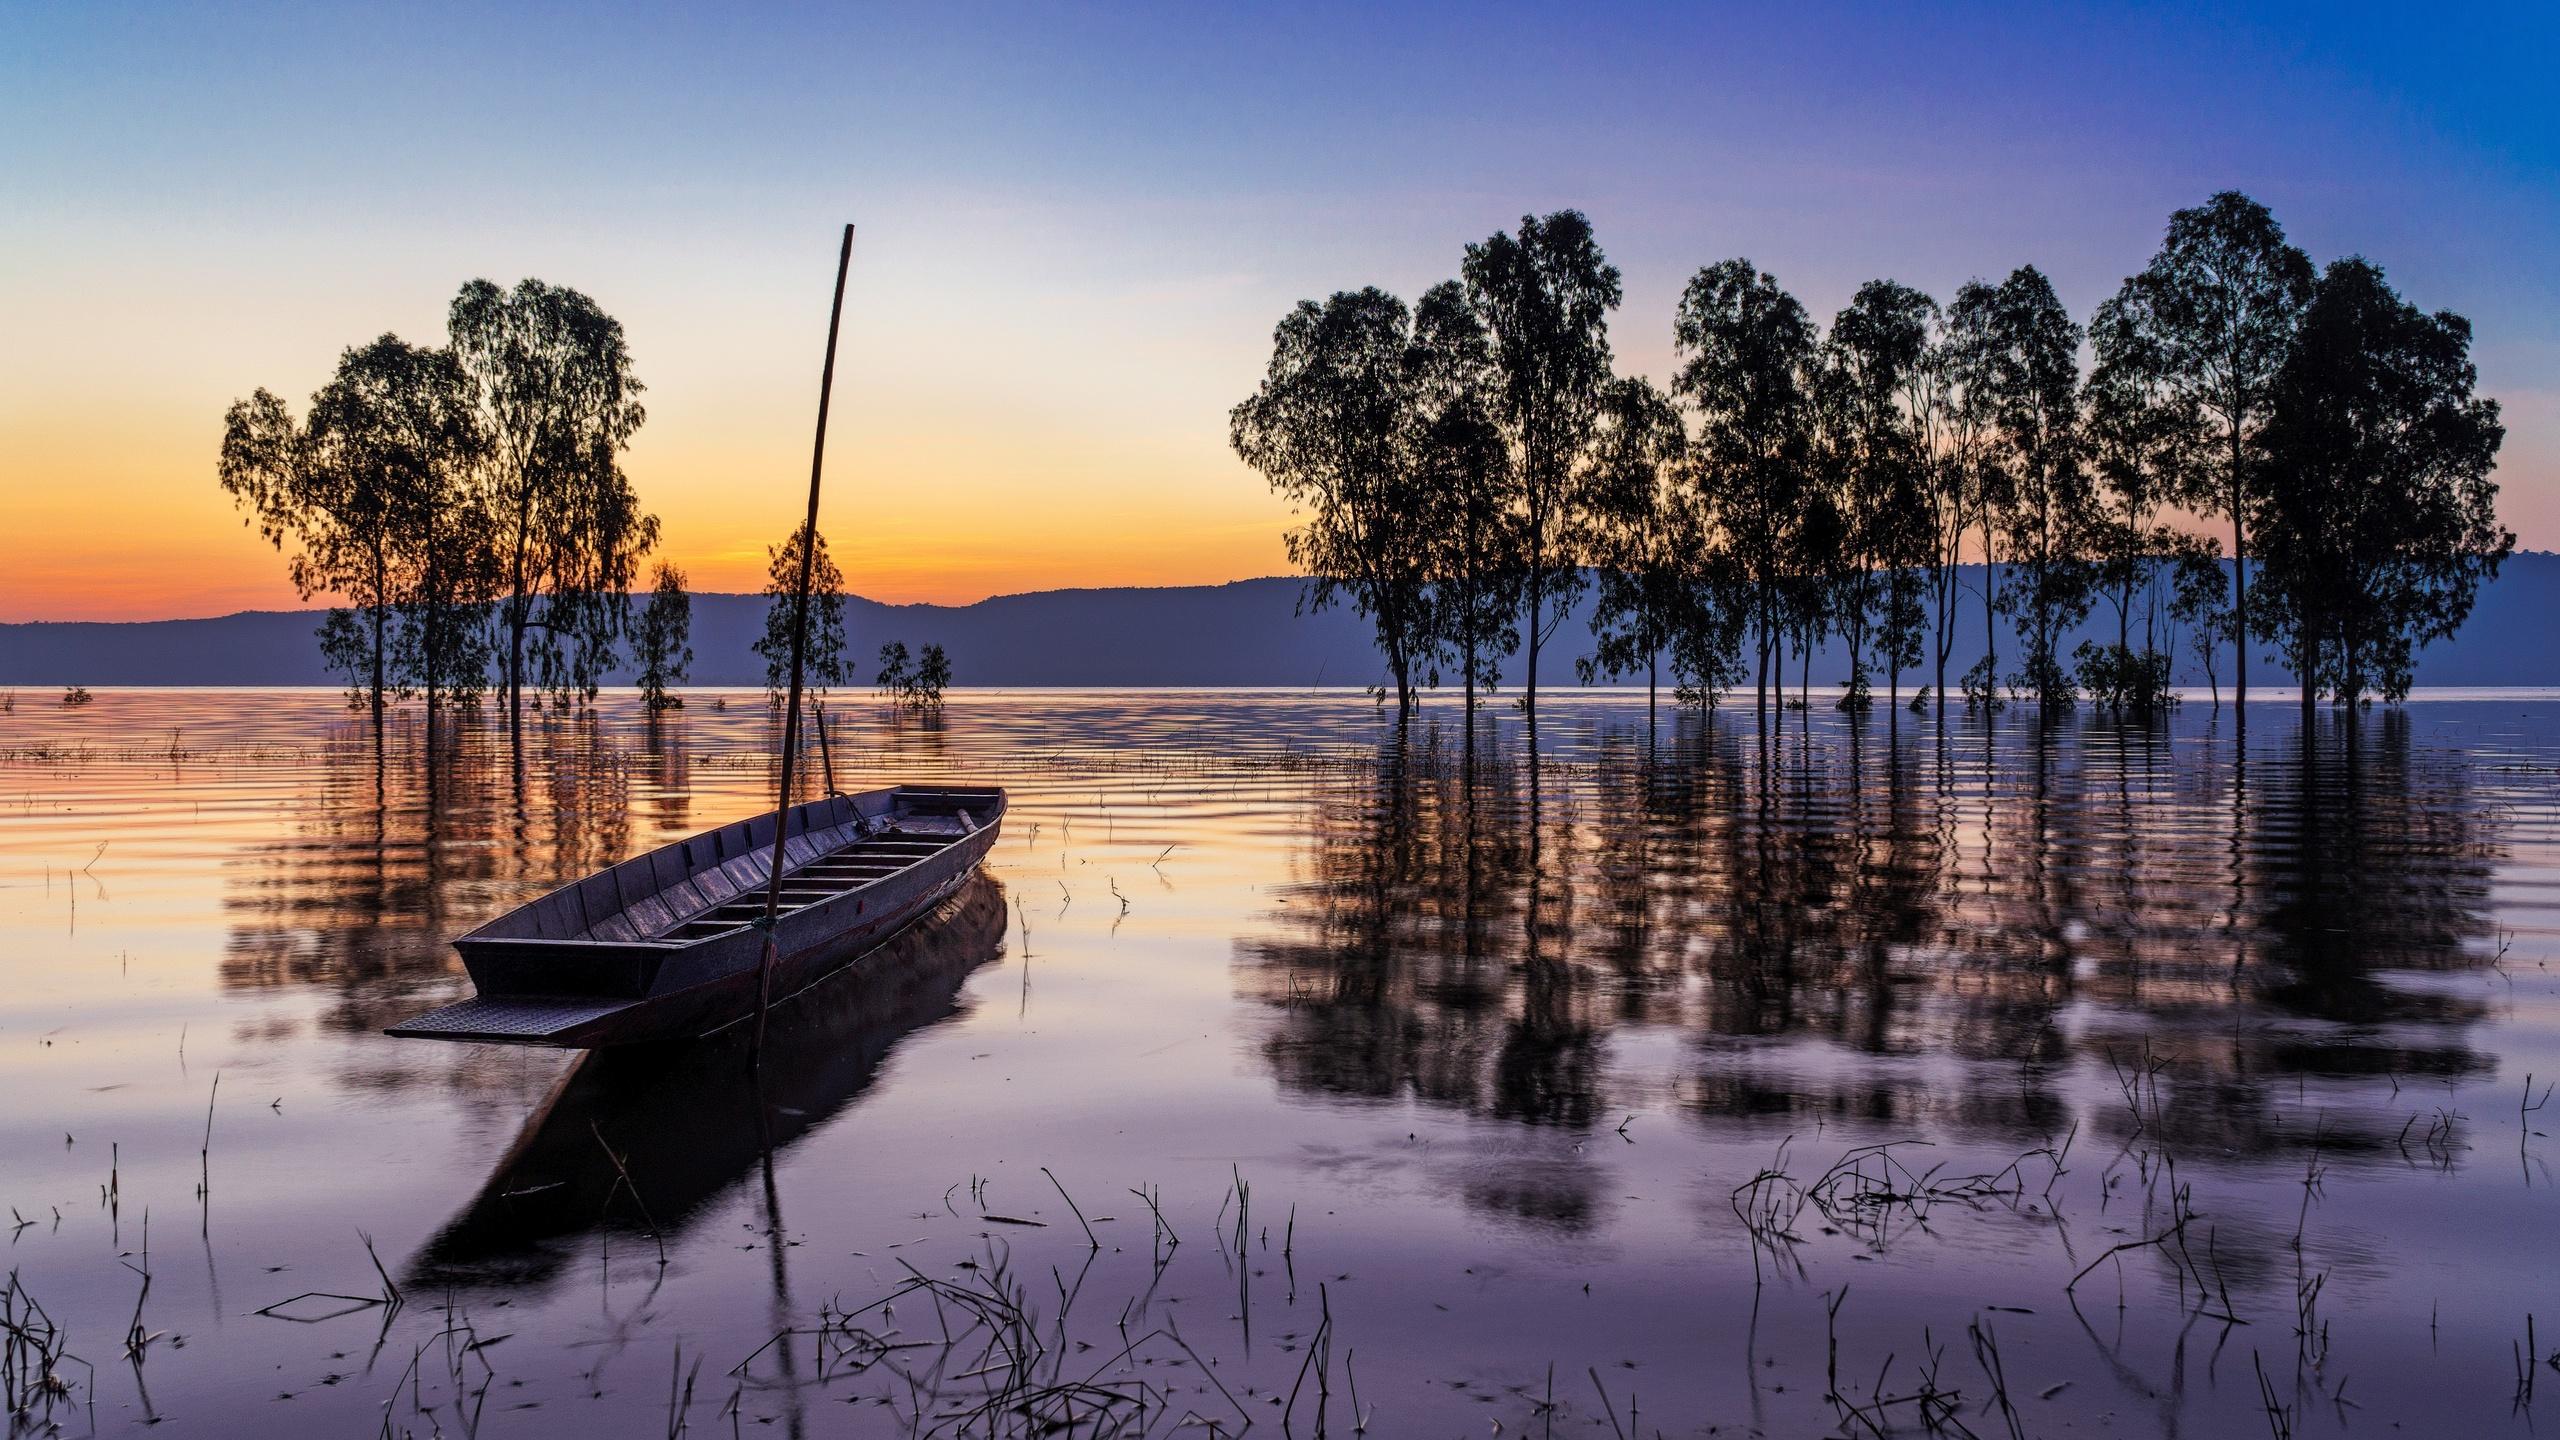 таиланд, вода, озеро, закат солнца, деревья, лодка, природа, пейзаж